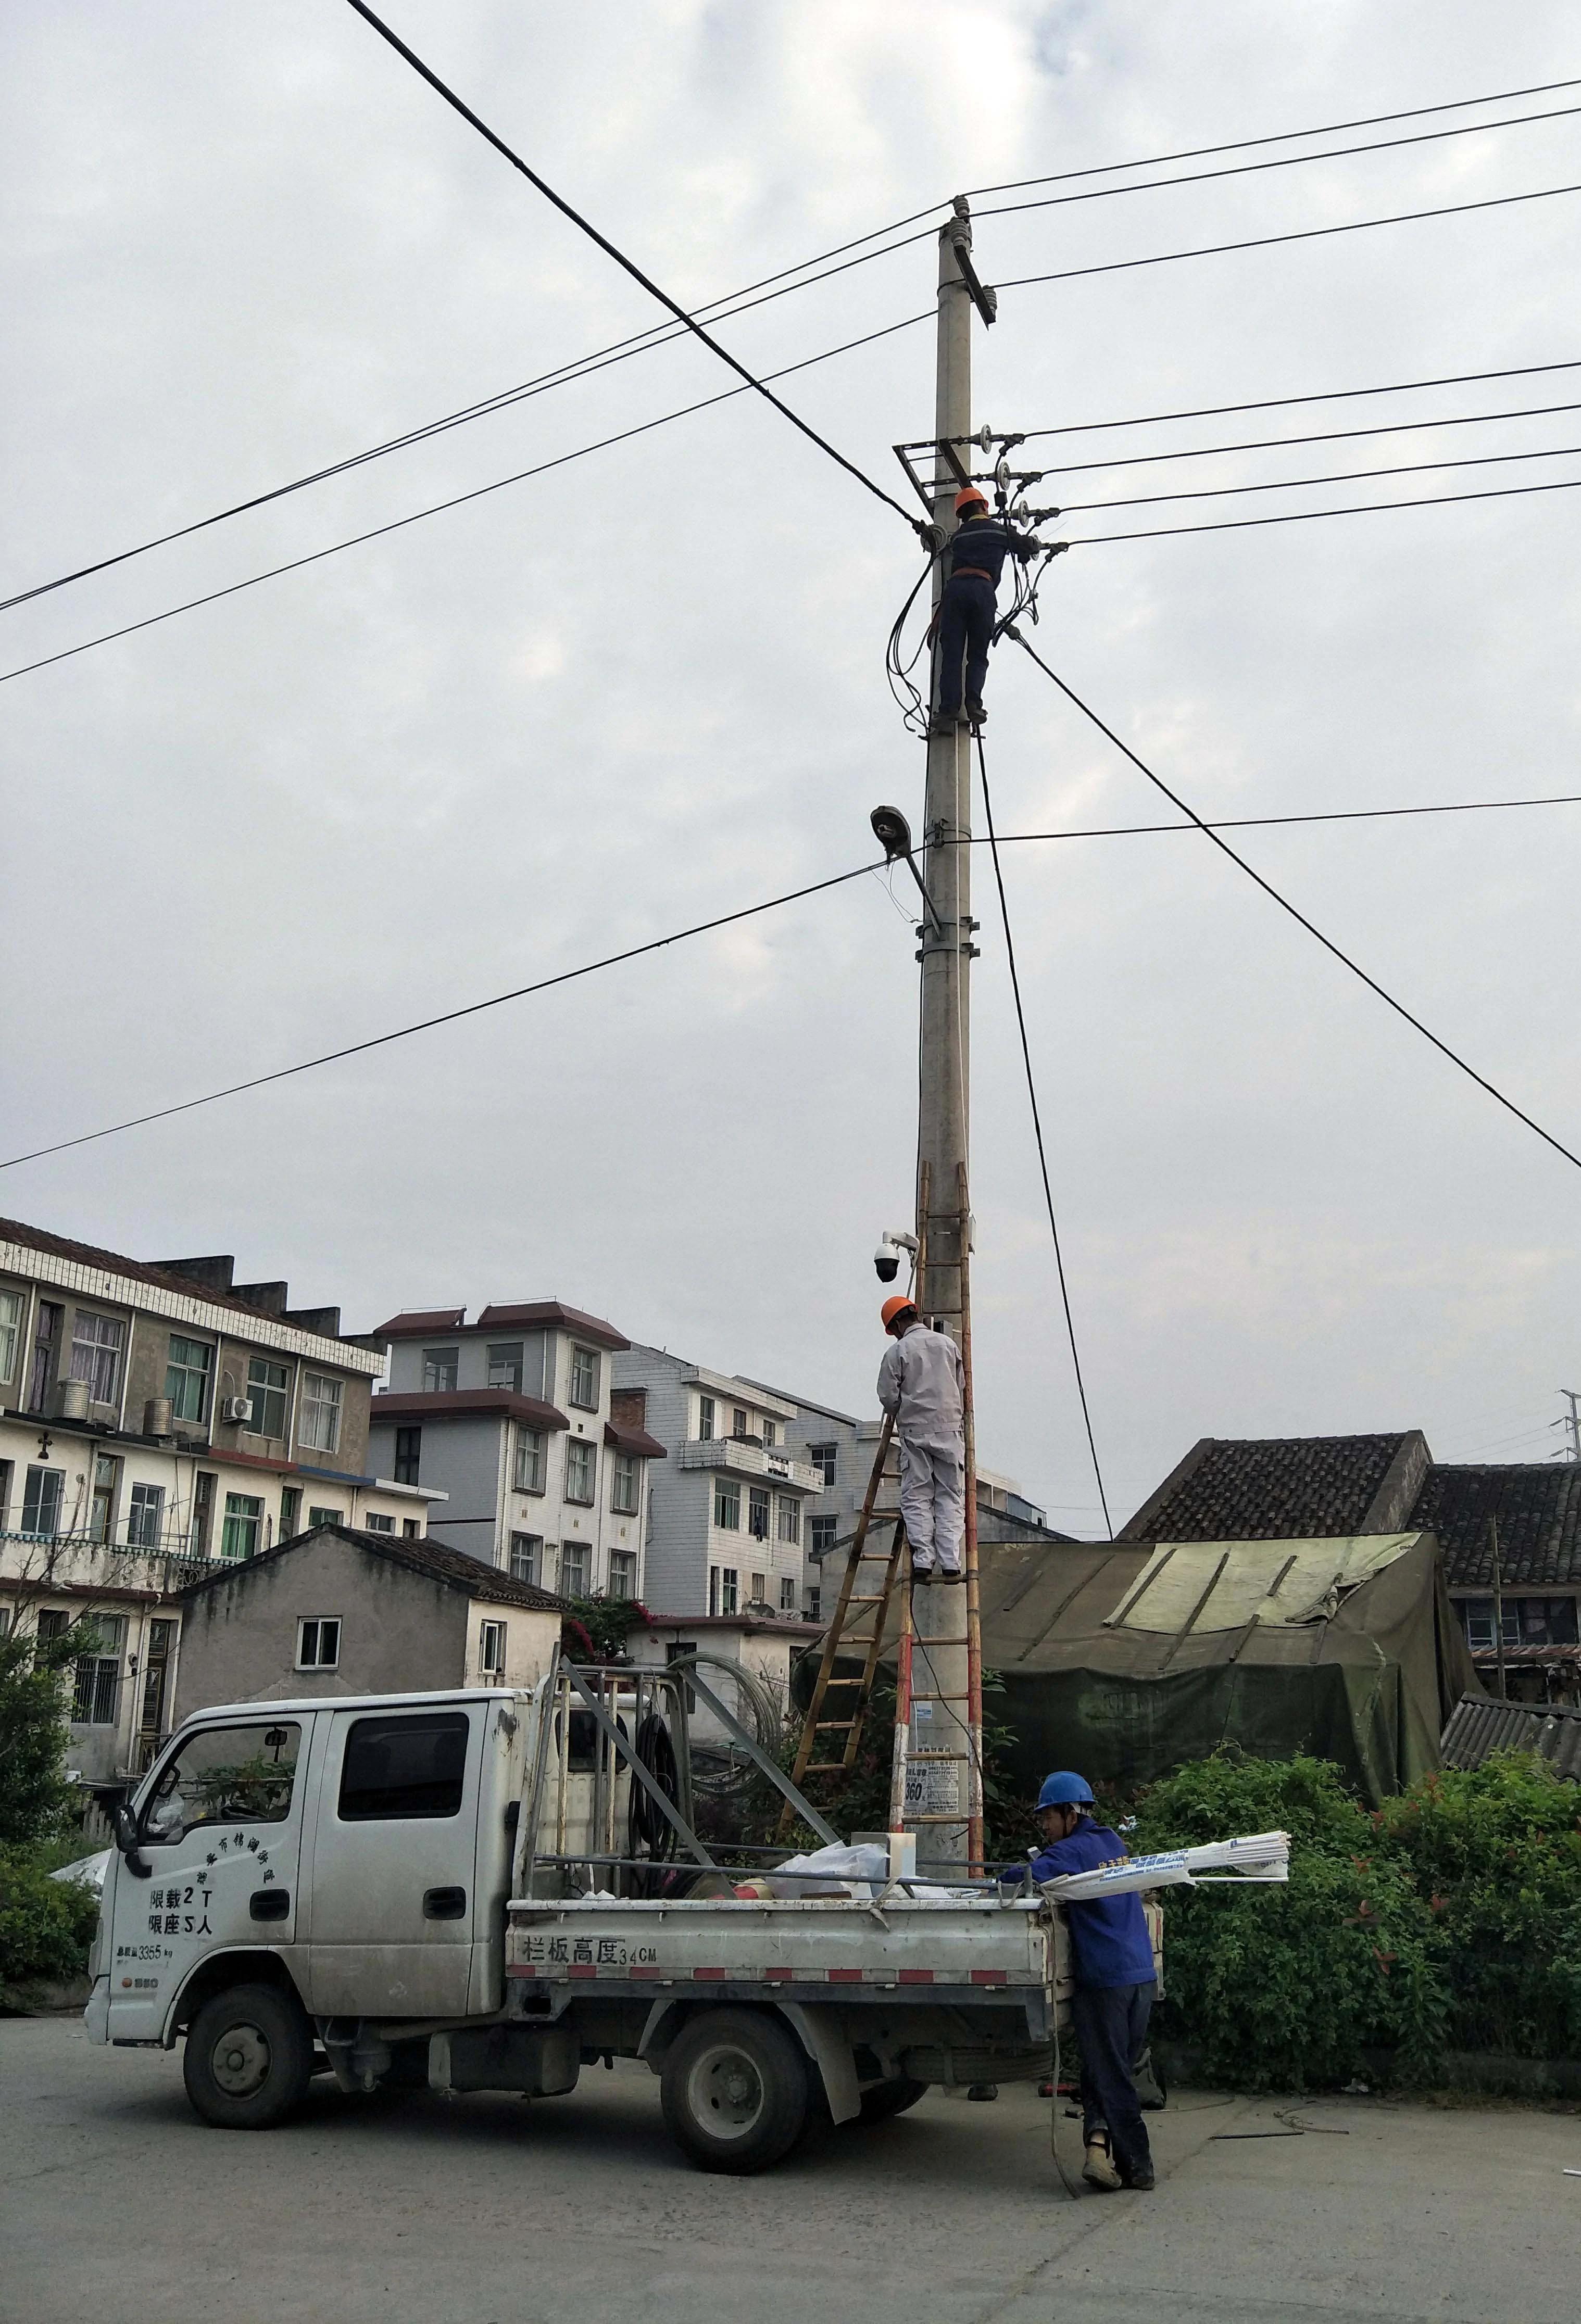 温州阁三村教堂信徒被逼无奈 当局强行安装监控探头